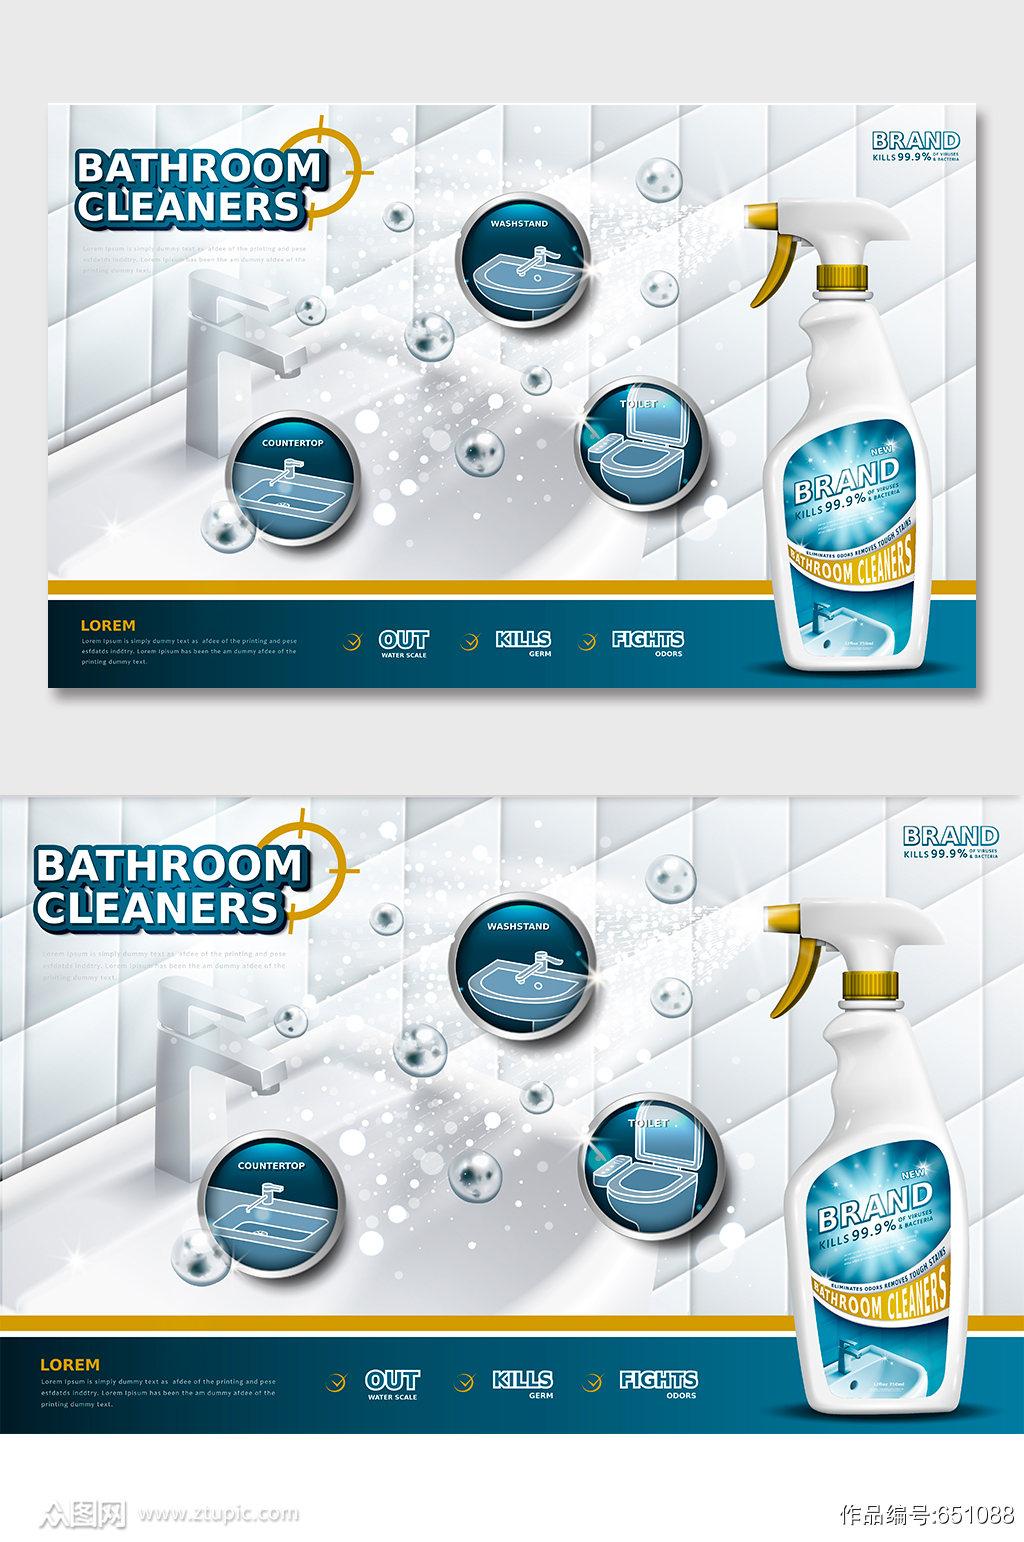 浴室清洁剂广告海报素材